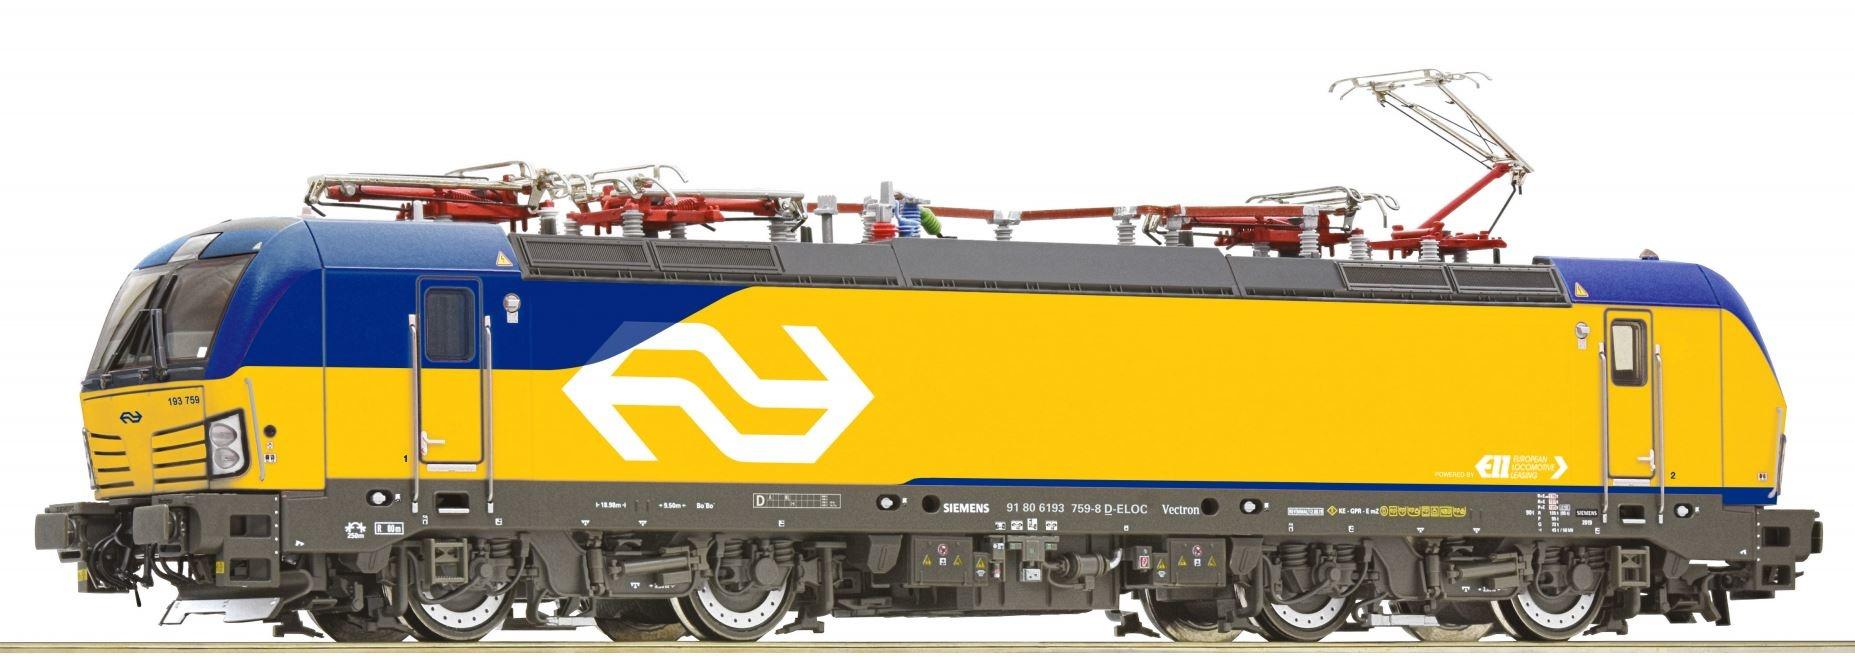 739352 Elektrische locomotief BR193 Vectron van de NS DCC sound-1